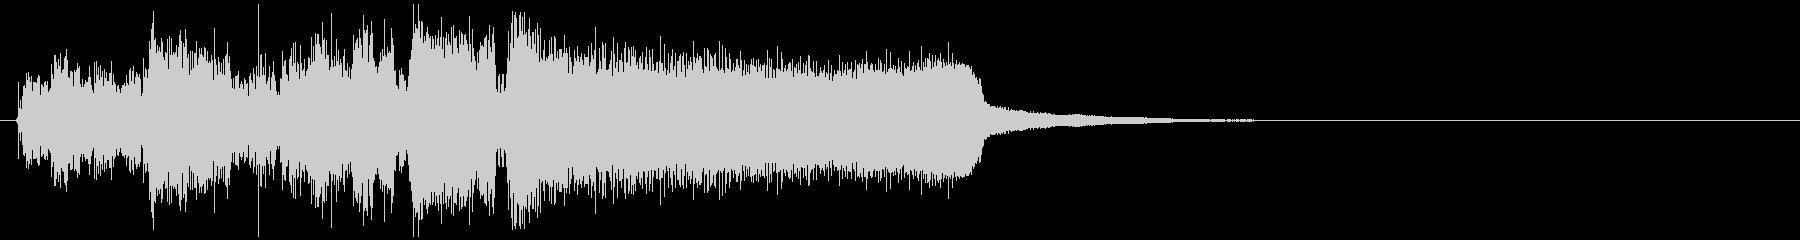 爽快、勢い、明るい、ジャズ系サウンドロゴの未再生の波形